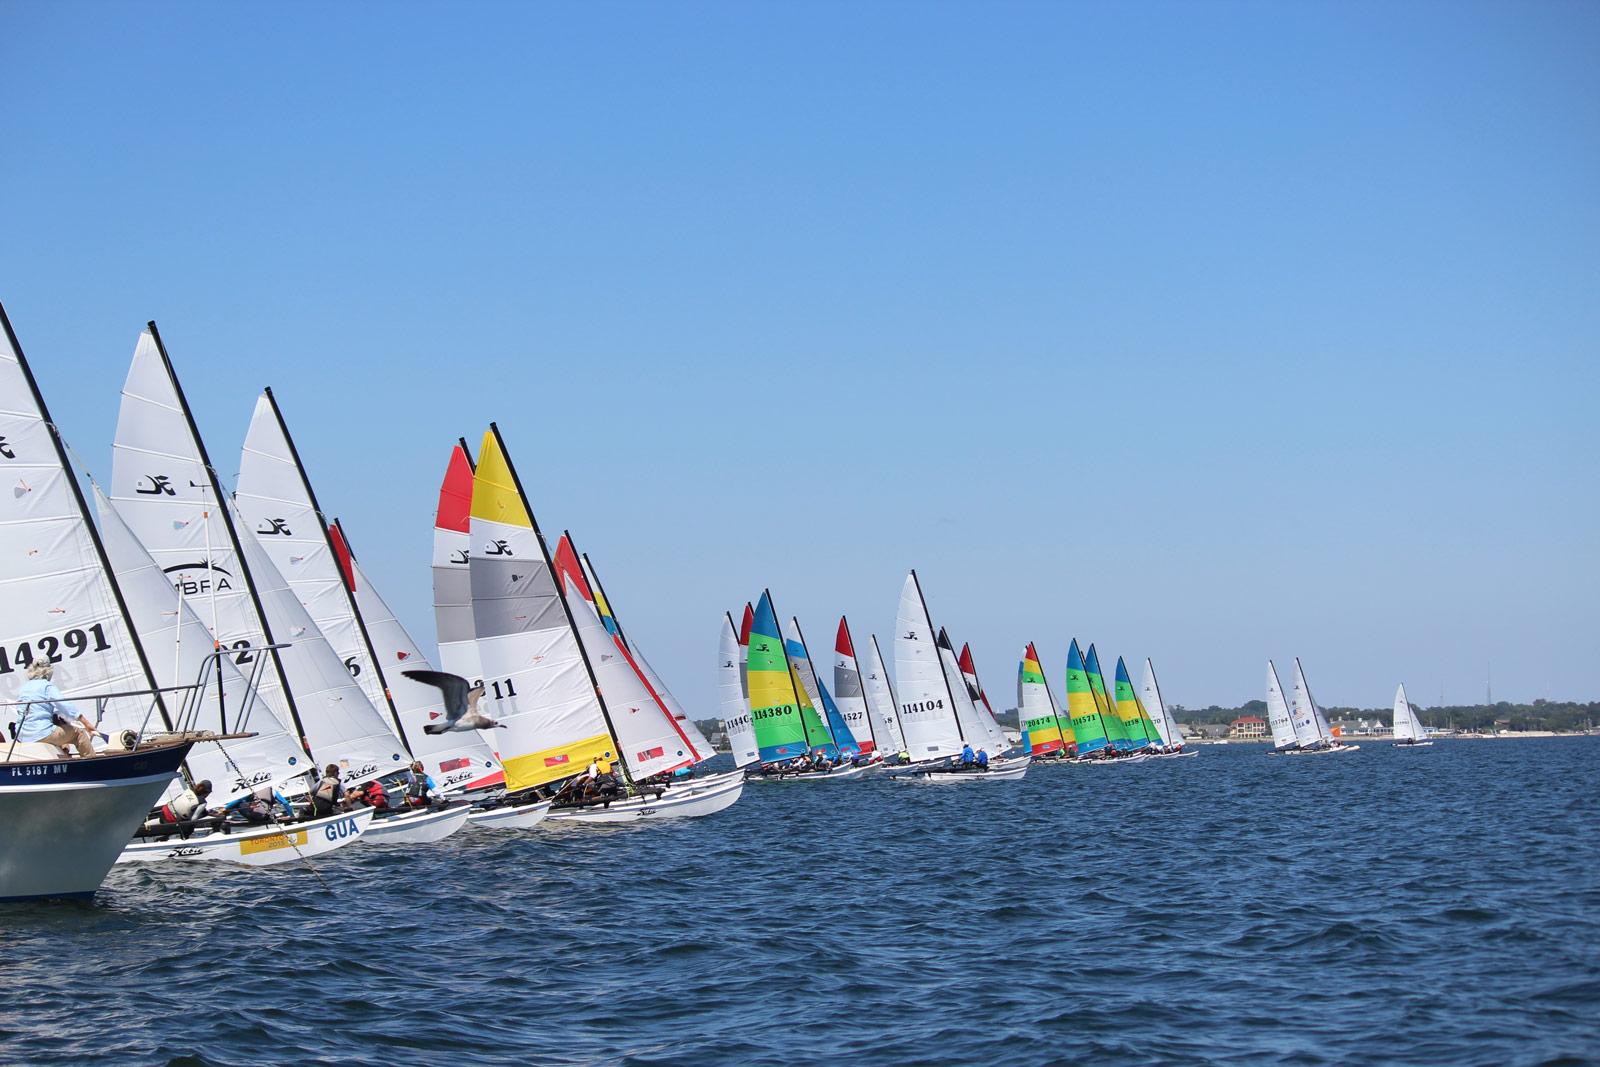 2015 Hobie 16 North American Championships - Catamaran Sailboat Racing